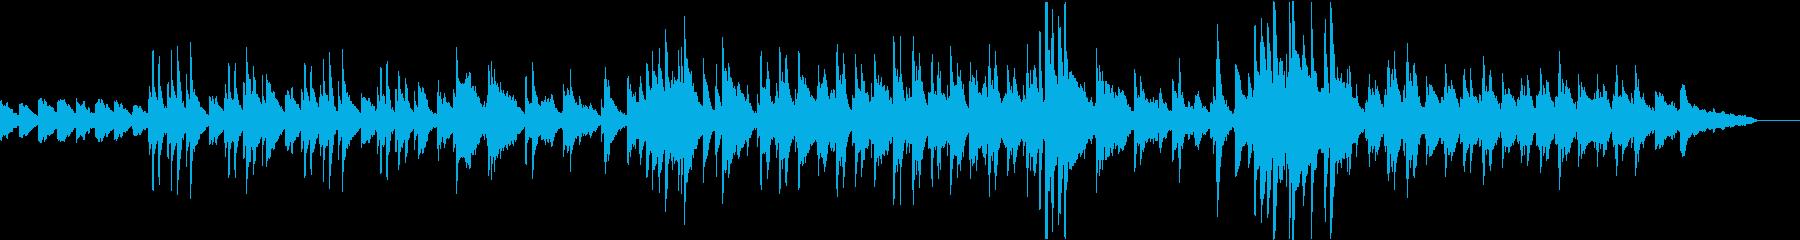 落ち着いた雰囲気の日常系BGMの再生済みの波形